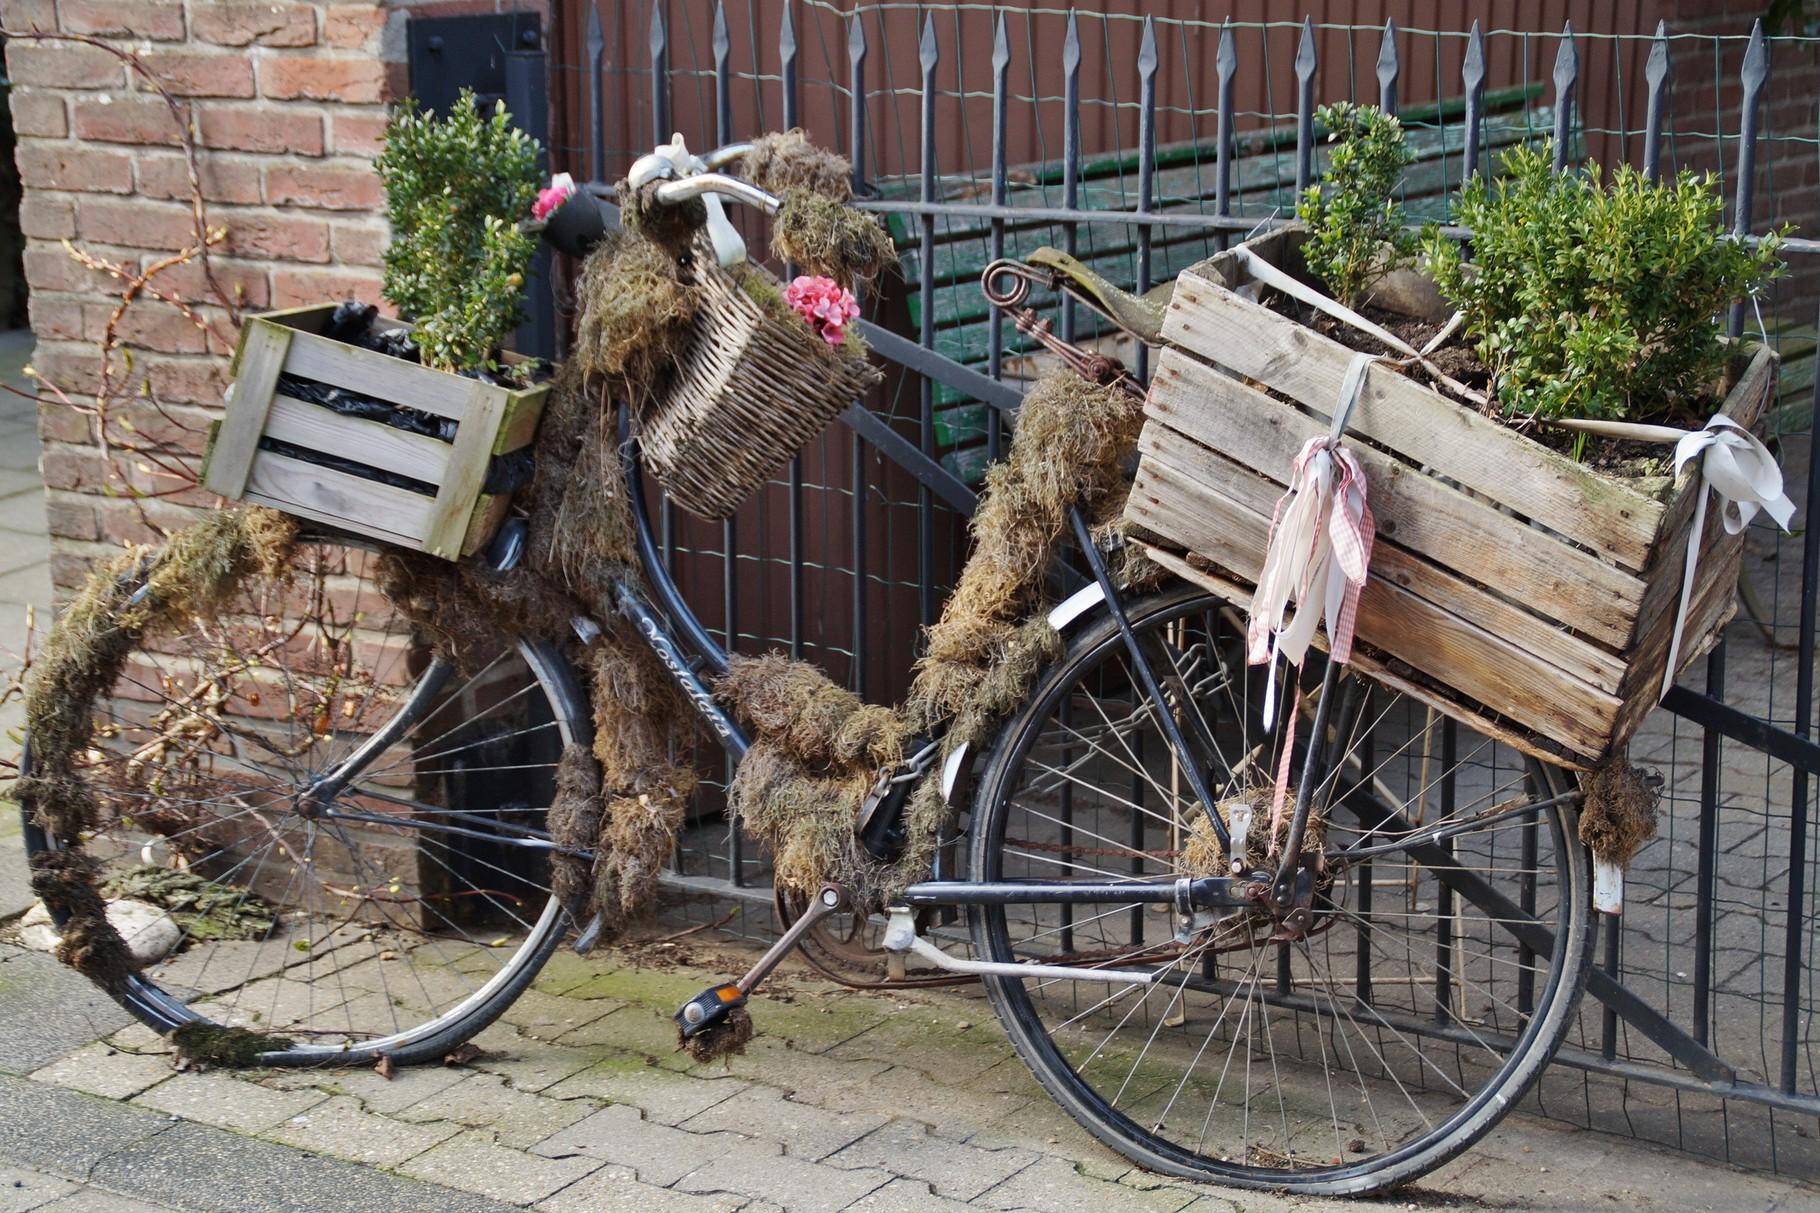 Umgestaltung eines Fahrrades (in Wehr)